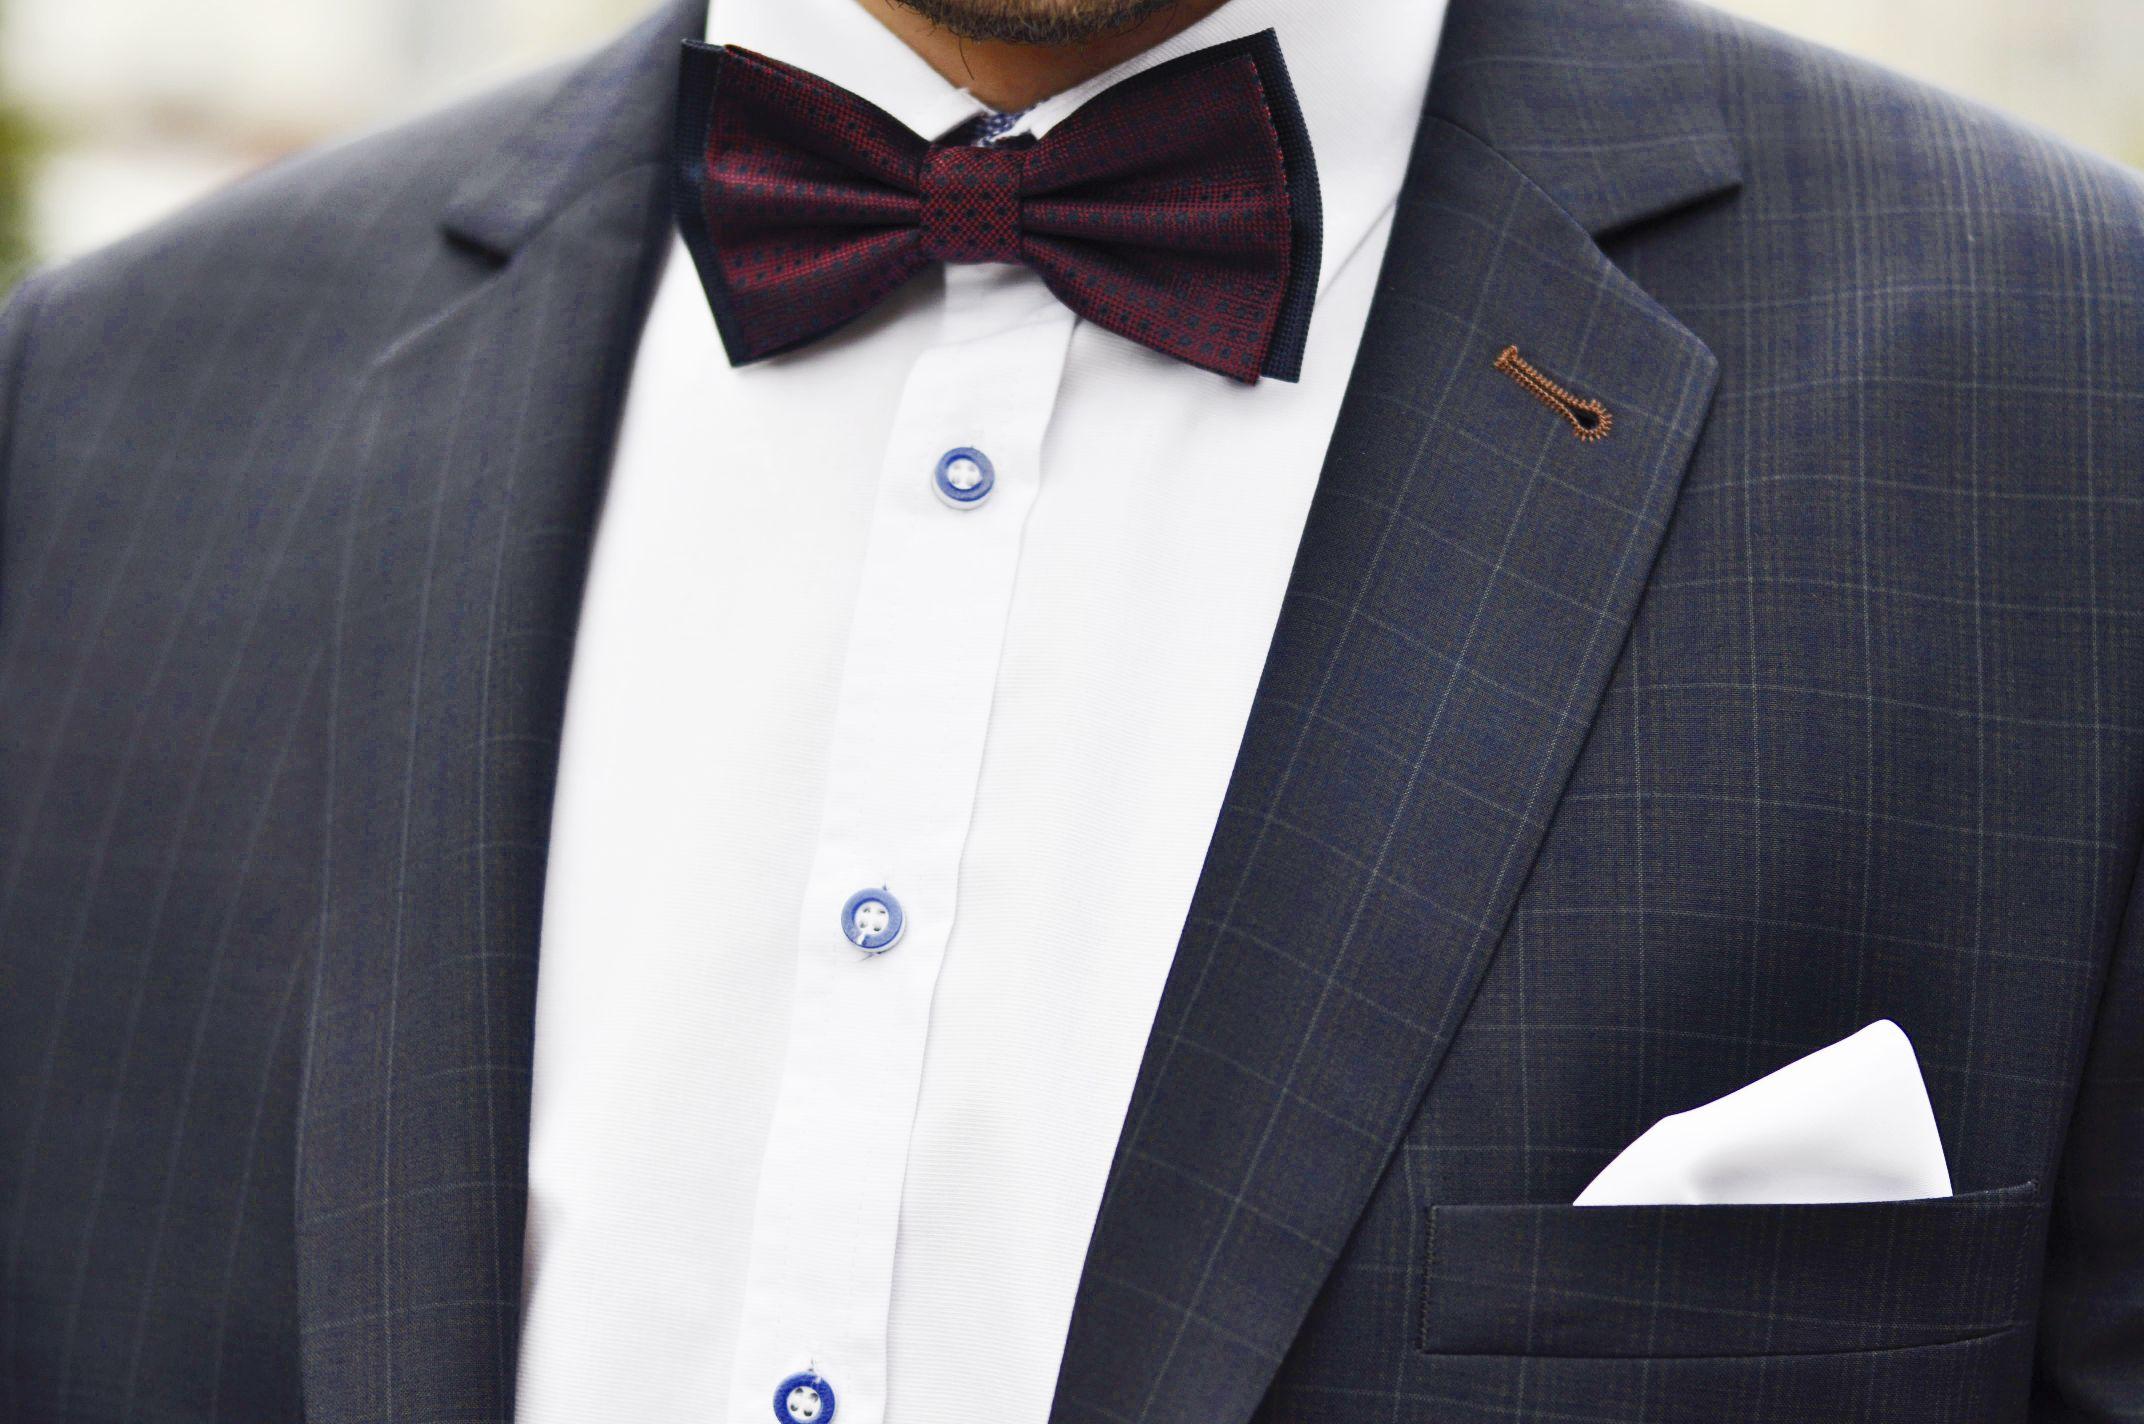 284a363c5aace Każdy Mężczyzna powinien mieć chociaż jeden garnitur, w naszym salonie  chętnie doradzimy i pomożemy wybrać odpowiedni garnitur w zależności od  okazji oraz ...